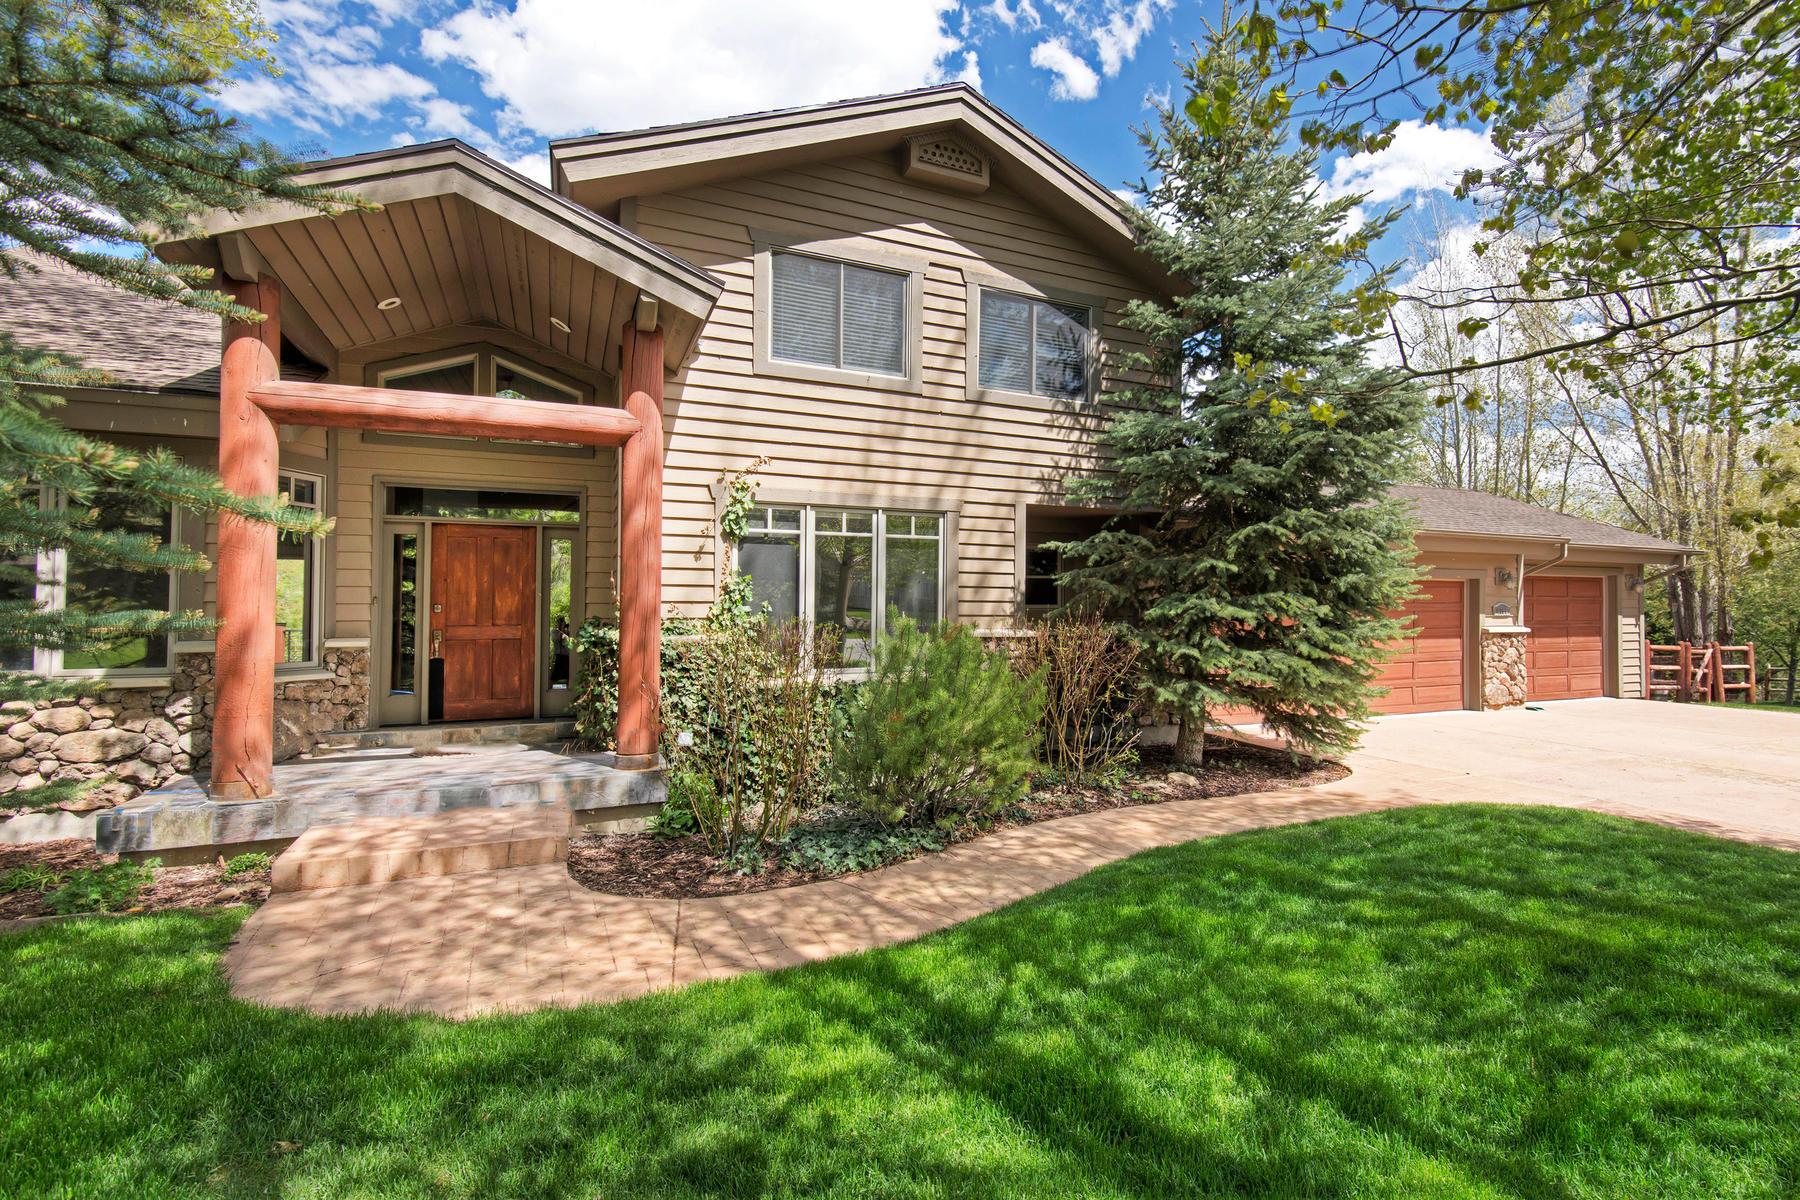 Maison unifamiliale pour l Vente à Well-loved Ranch Place Home Overlooking Swaner Nature Preserve 4780 Winchester Ct Park City, Utah, 84098 États-Unis